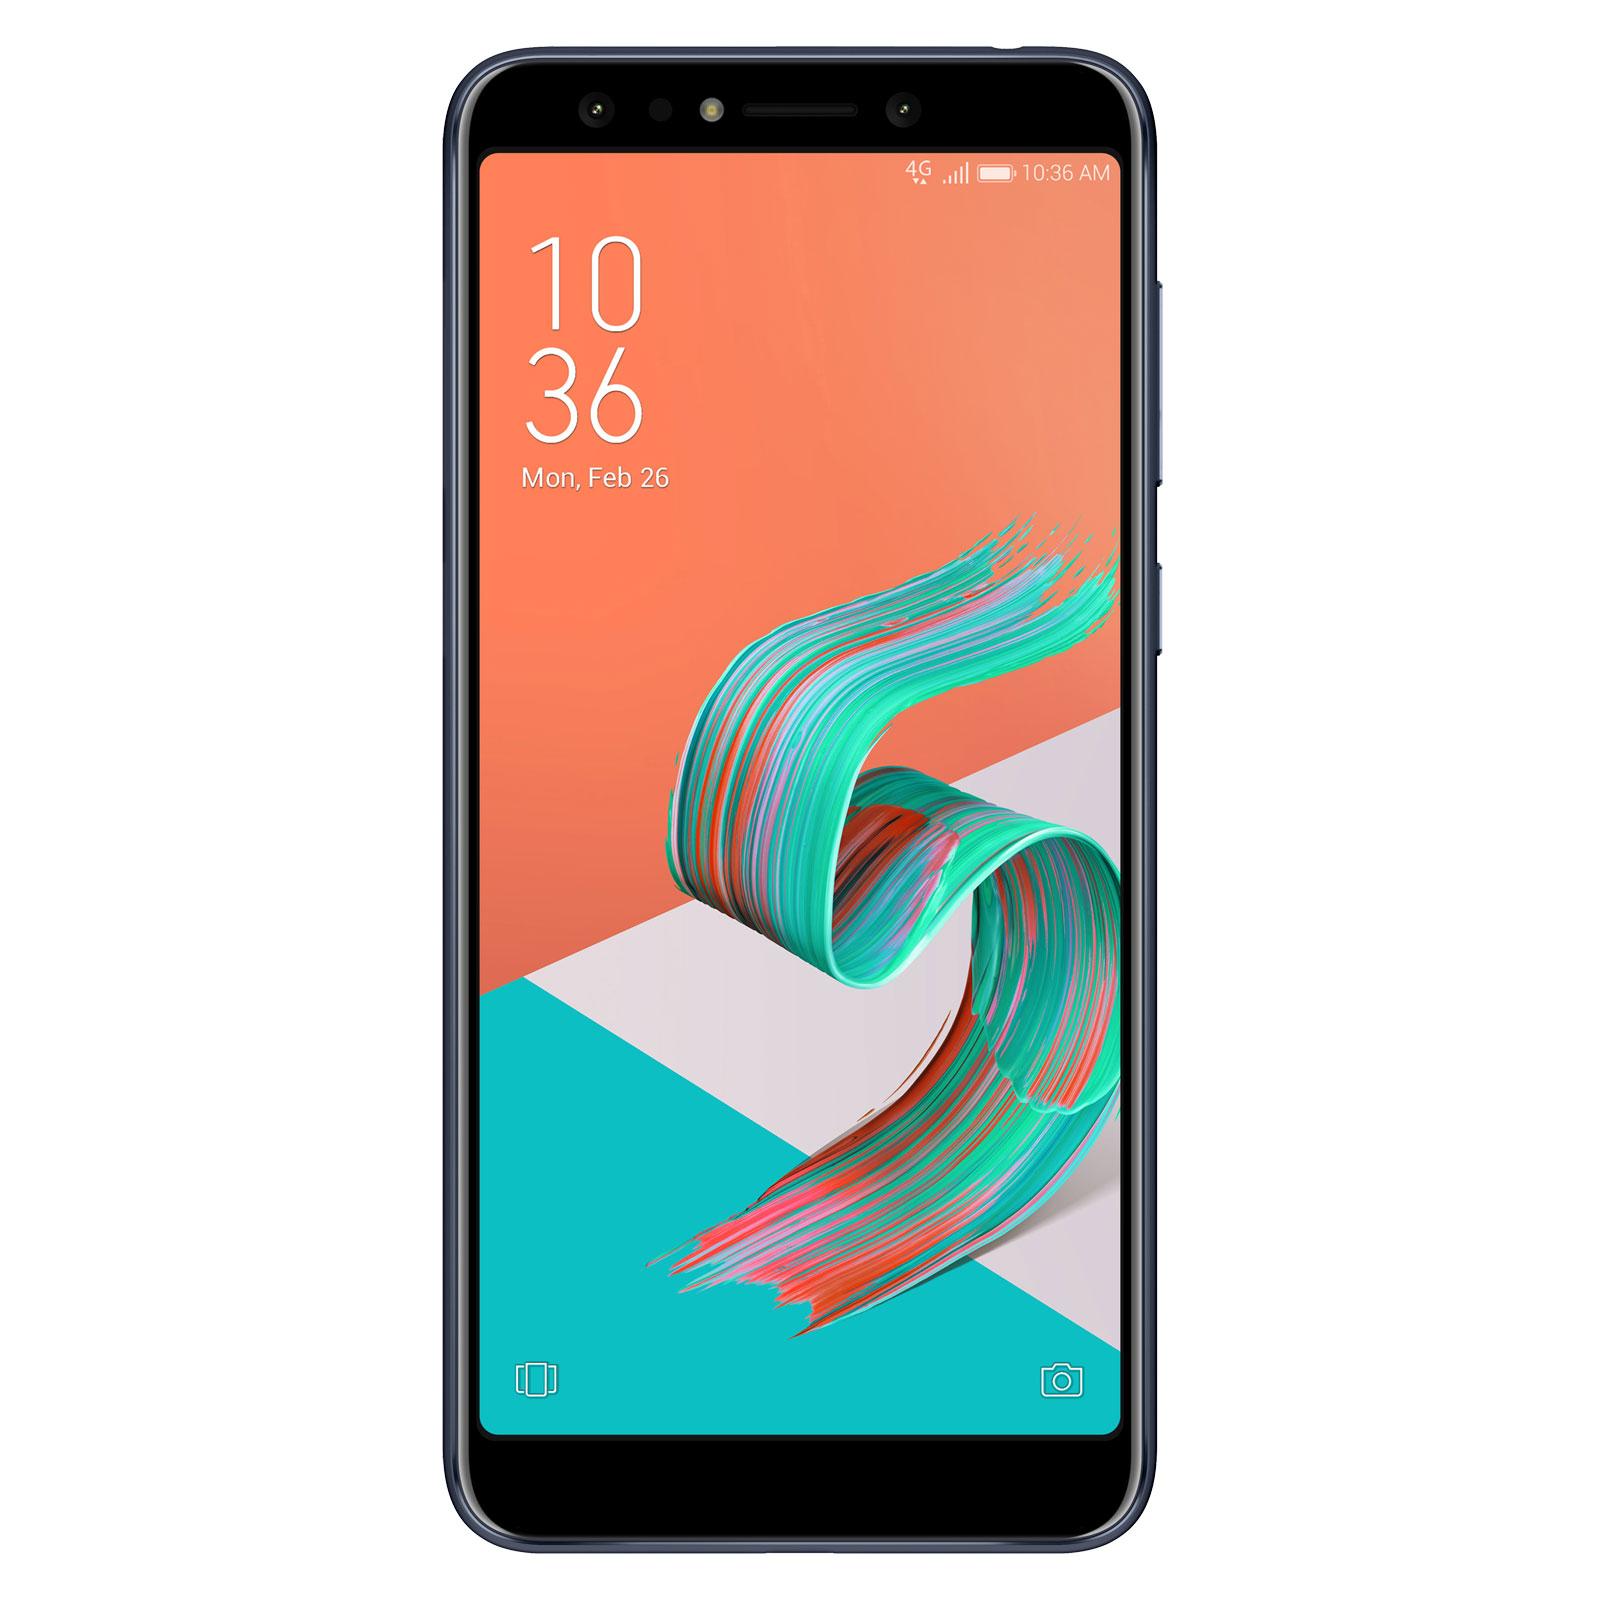 """Mobile & smartphone ASUS ZenFone 5 Lite ZC600KL Noir Smartphone 4G-LTE Dual SIM - Snapdragon 630 8-Core 1.9 GHz - RAM 4 Go - Ecran tactile 6"""" 1080 x 2160 - 64 Go - Bluetooth 4.1 - 3300 mAh - Android 8.0"""